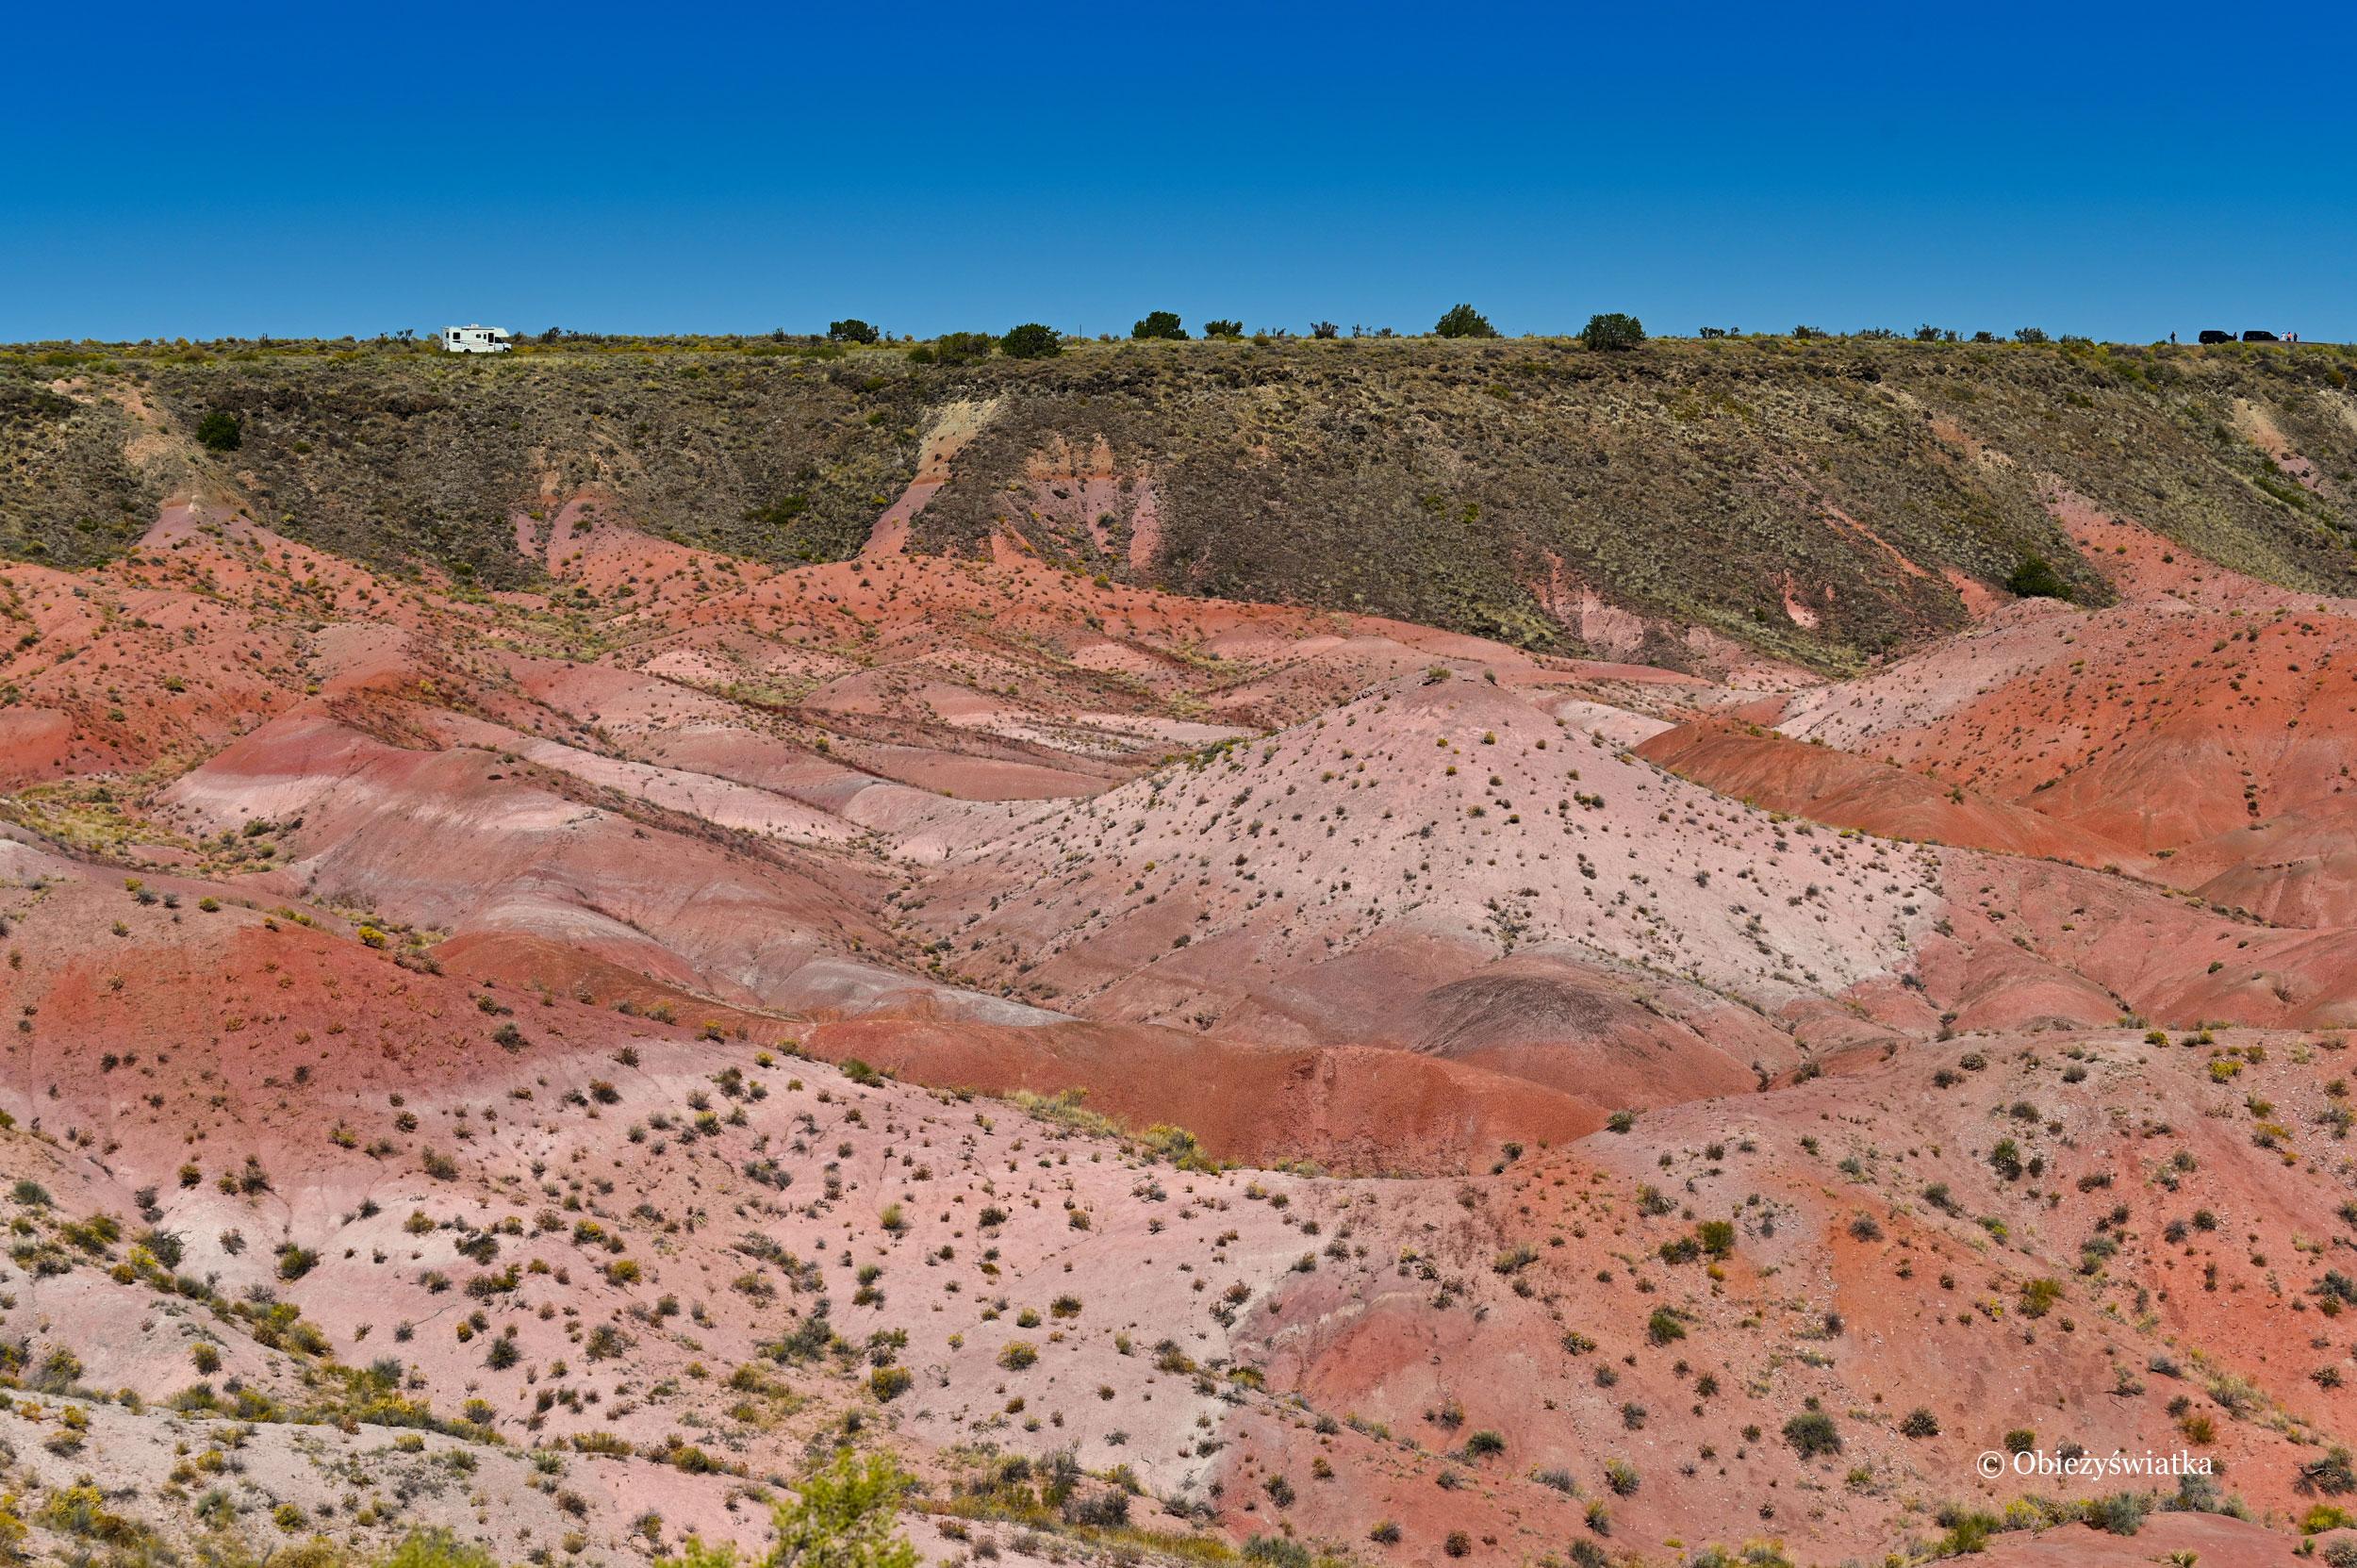 Czerwienie i rudości przeważają - Painted Desert, Arizona